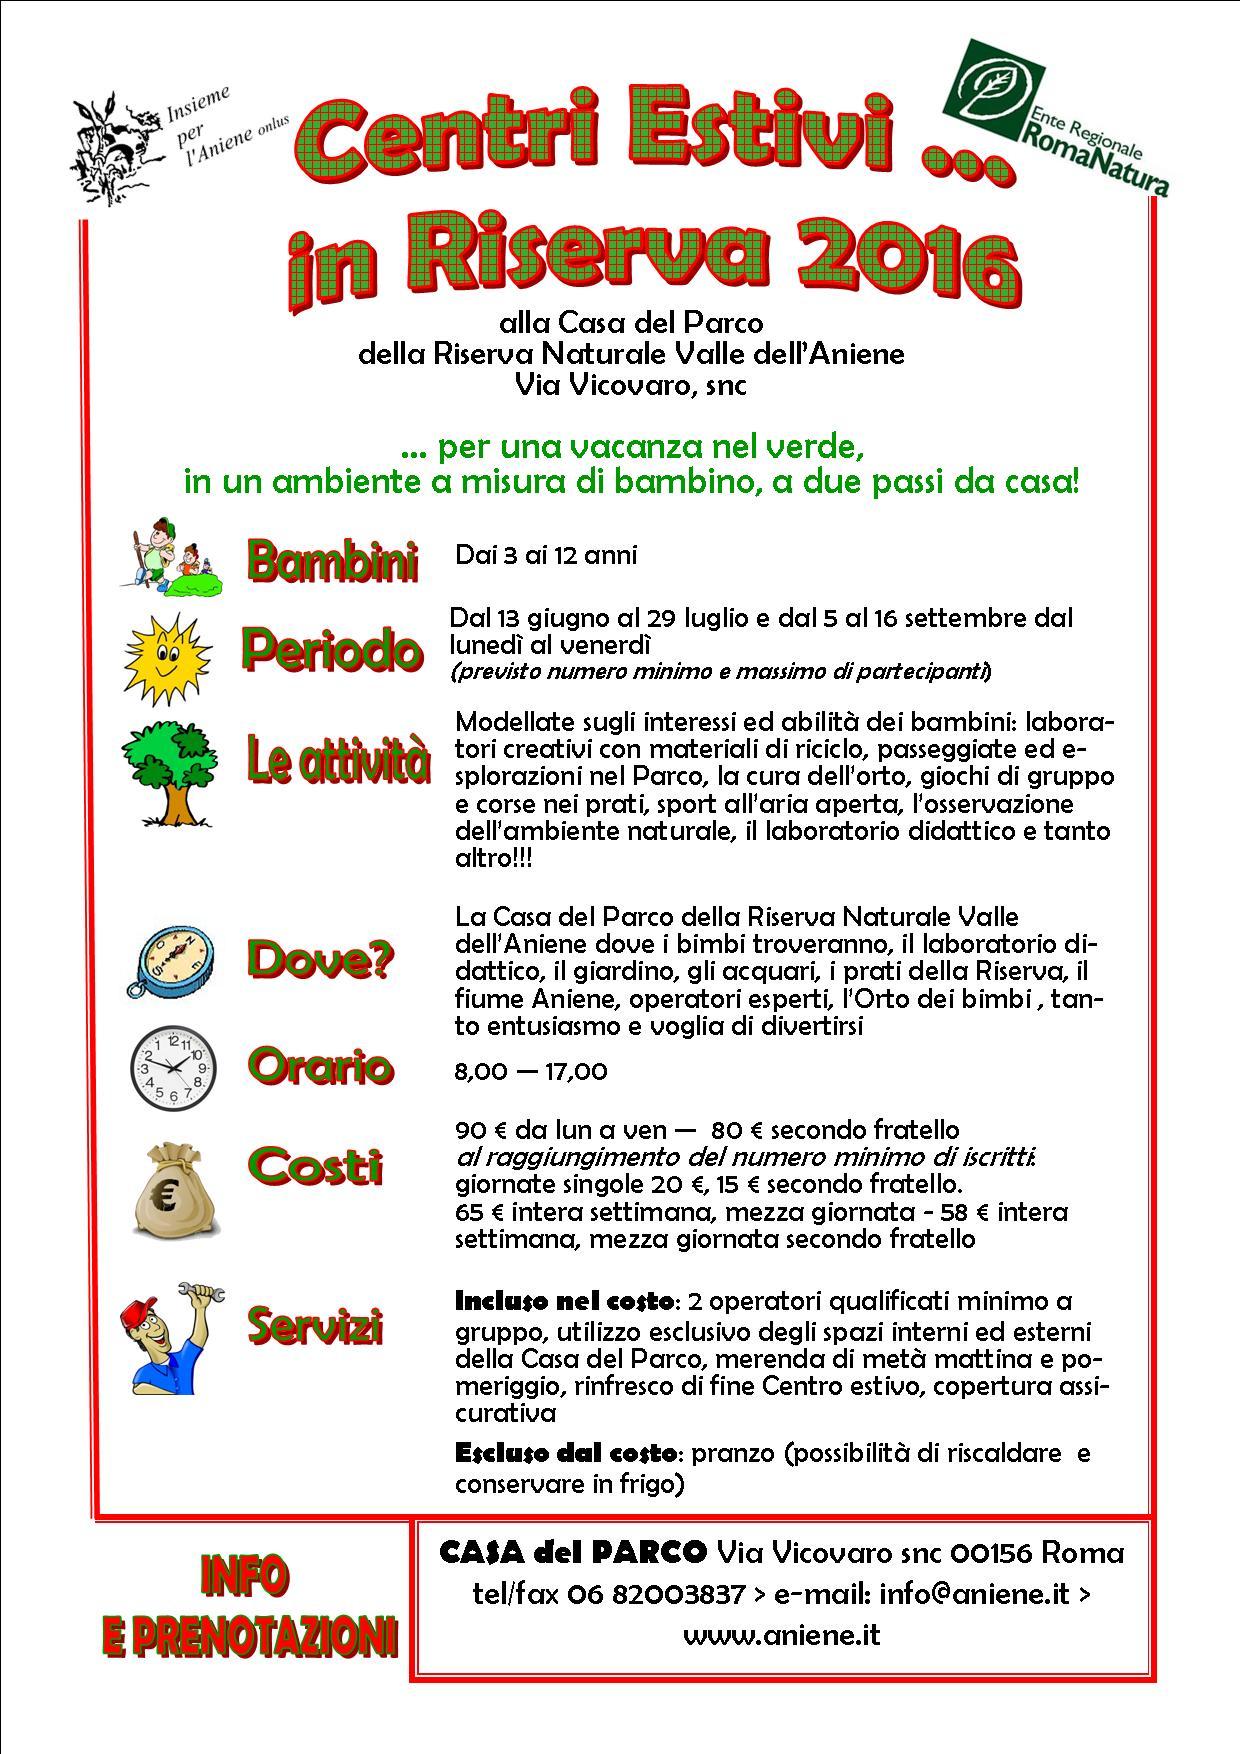 Centri Estivi in Riserva .... 2016: una tradizione che si ripete!